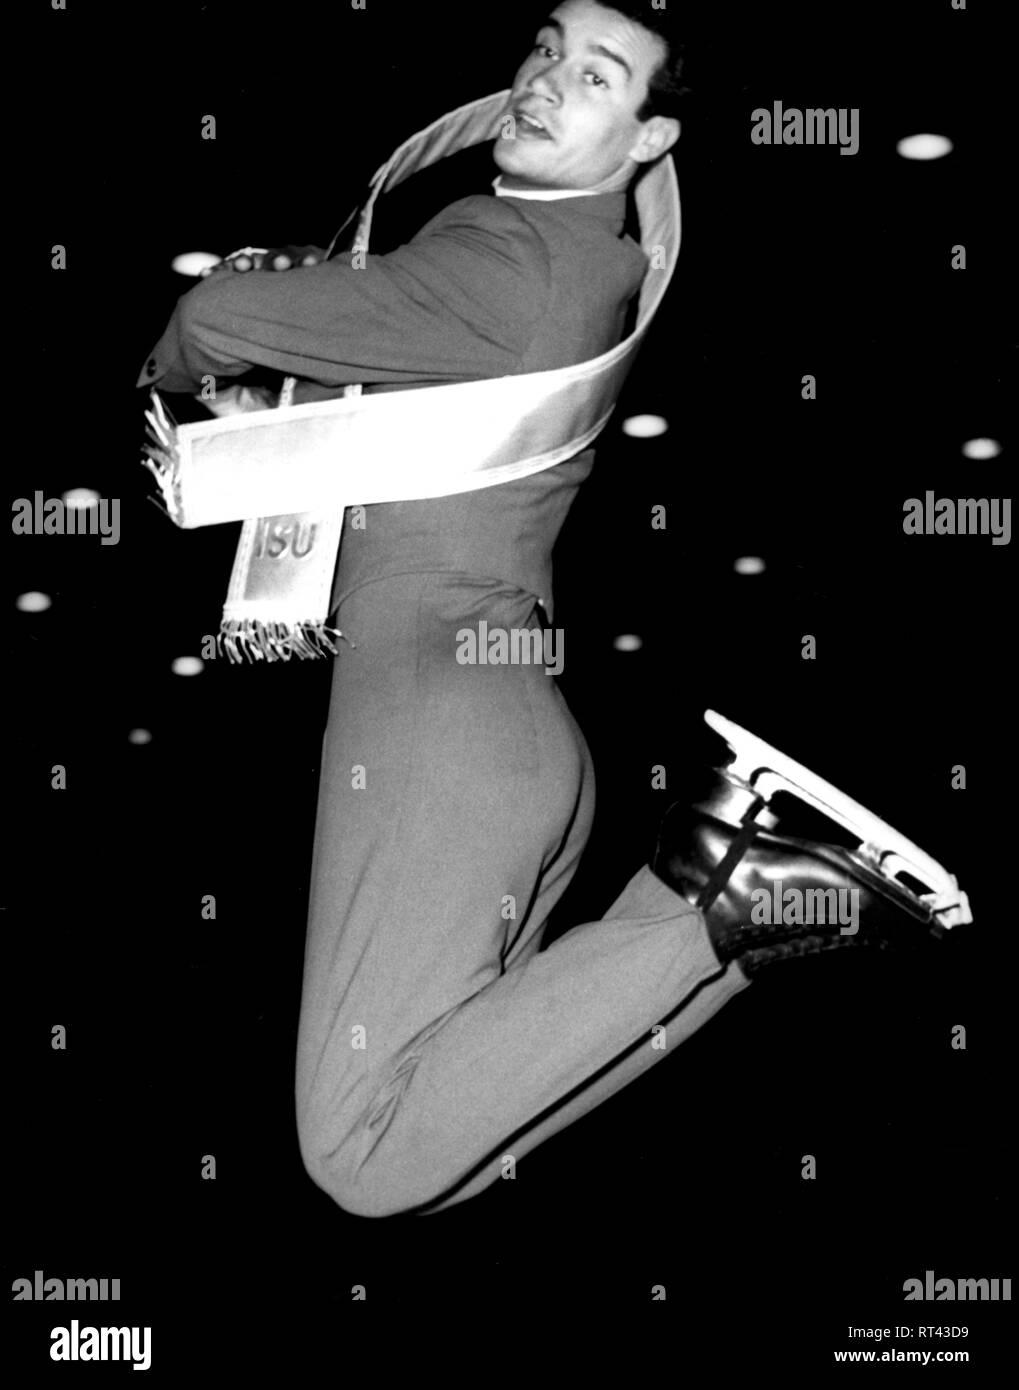 deut. Sportler (Eiskunstläufer), Ganzfigur, bei Siegerehrung nach Gewinn der Weltmeisterschaft, Dortmund, 27.2.1964, Additional-Rights-Clearance-Info-Not-Available - Stock Image